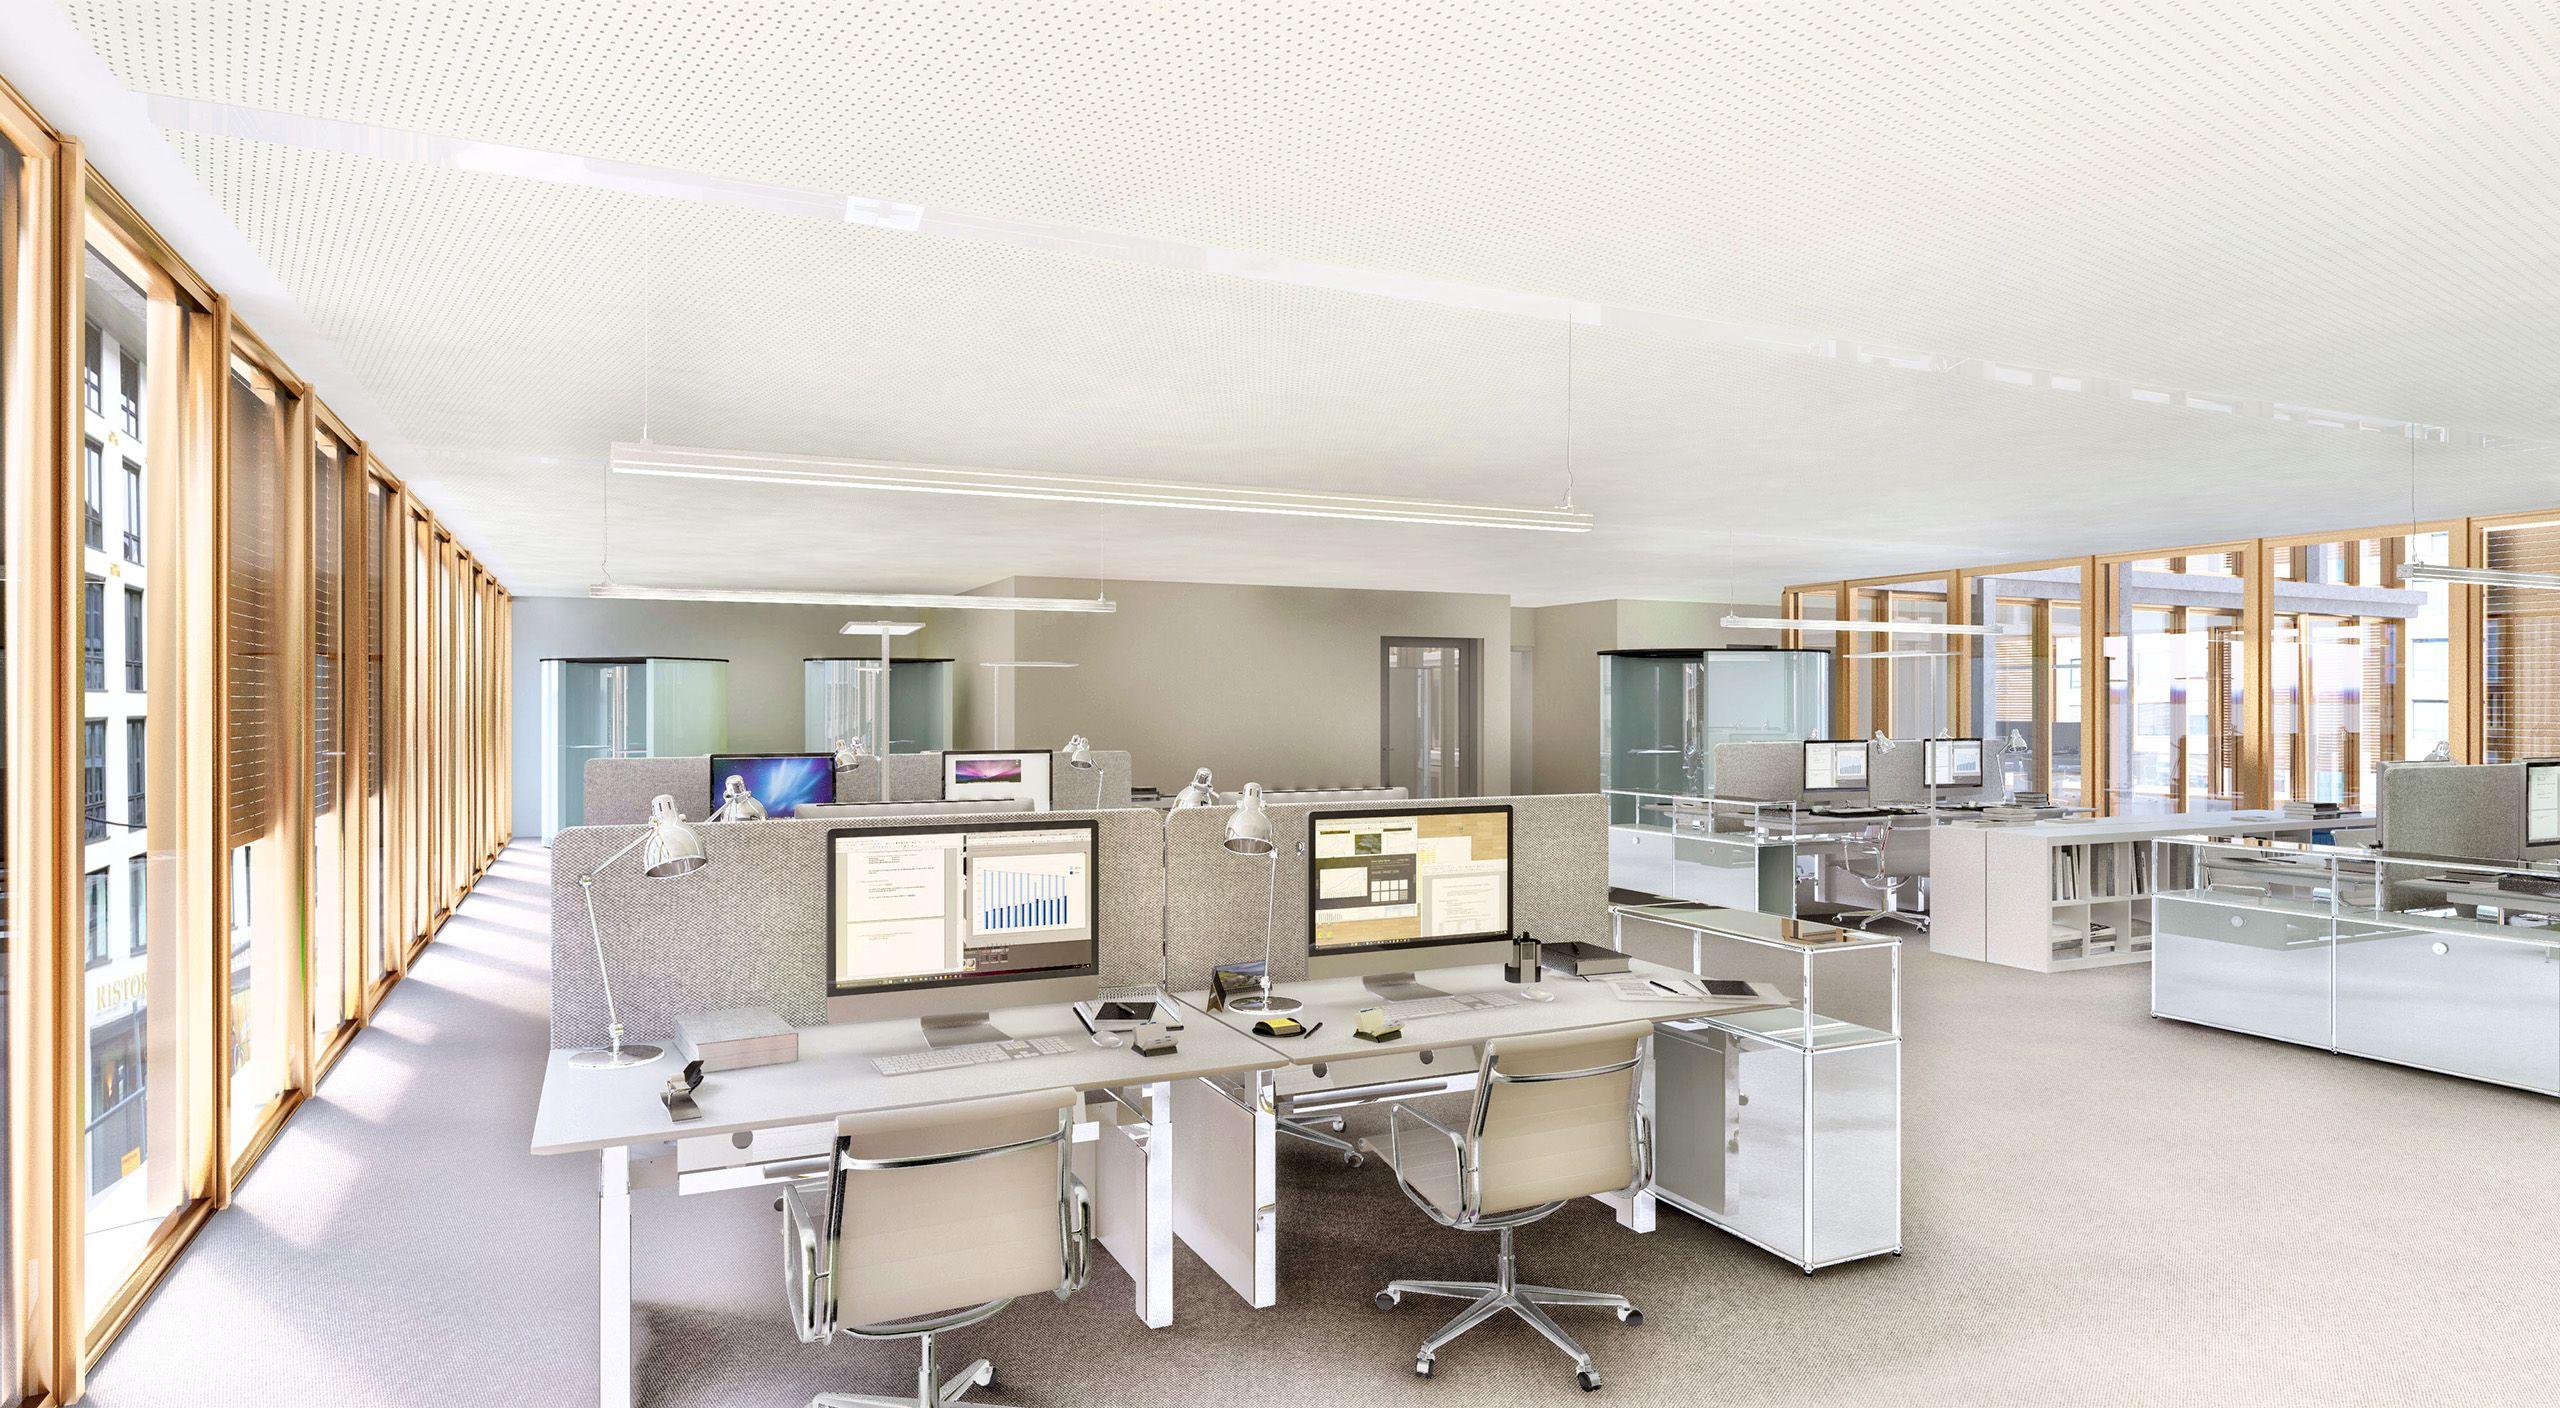 Architekturvisualisierung Stuttgart interior berlin invalidenstraße office lobby render